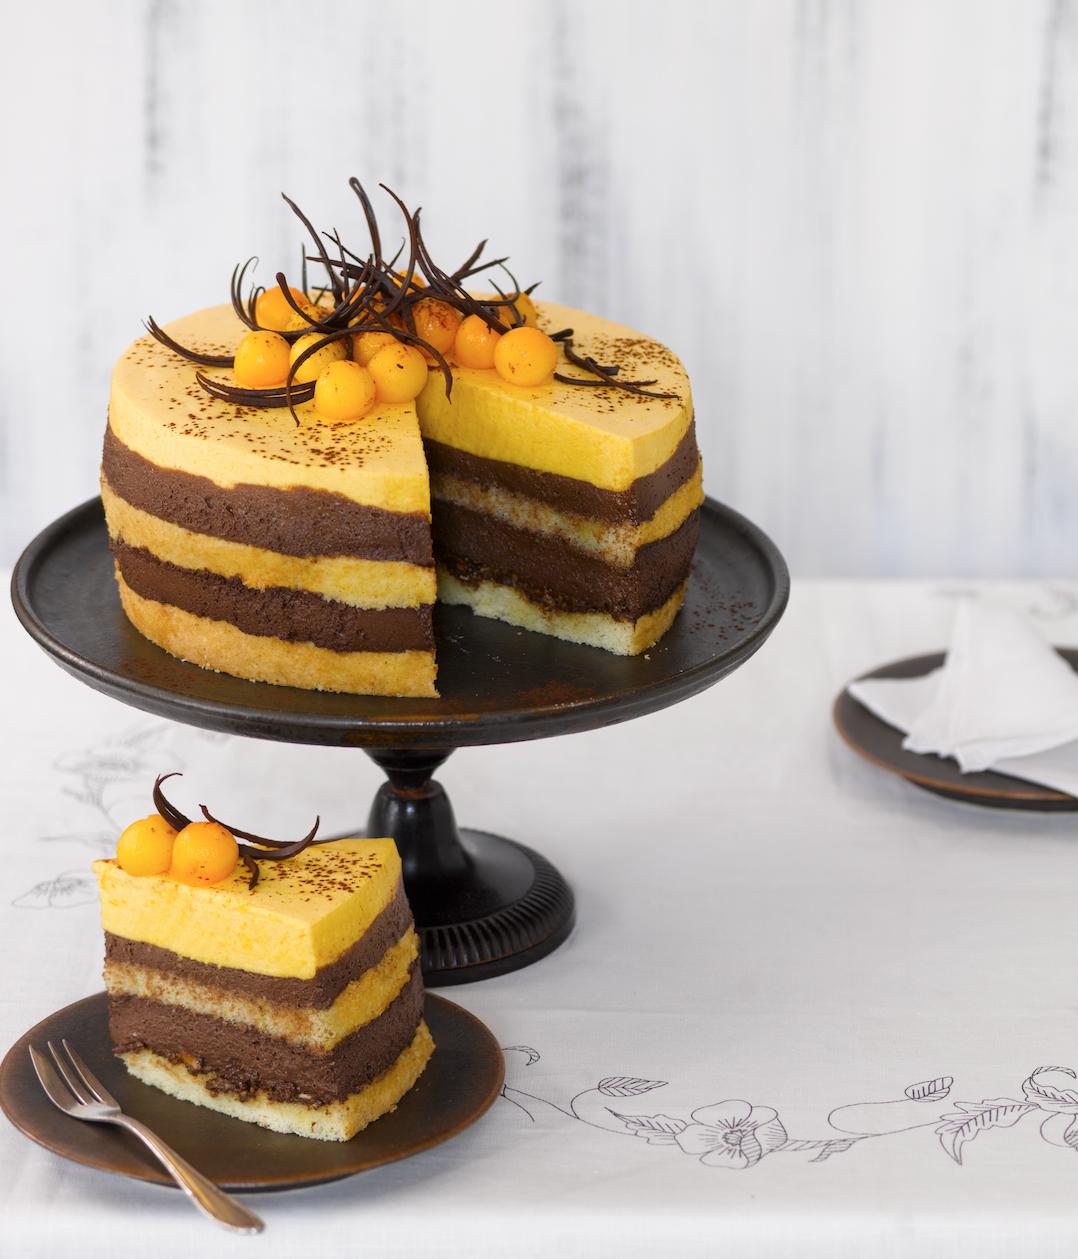 Mango Schokoladen Torte Von Bernd Siefert Mango Chocolate Cake C Mig Maike Jessen Leckere Torten Kuchen Und Torten Kuchen Und Torten Rezepte